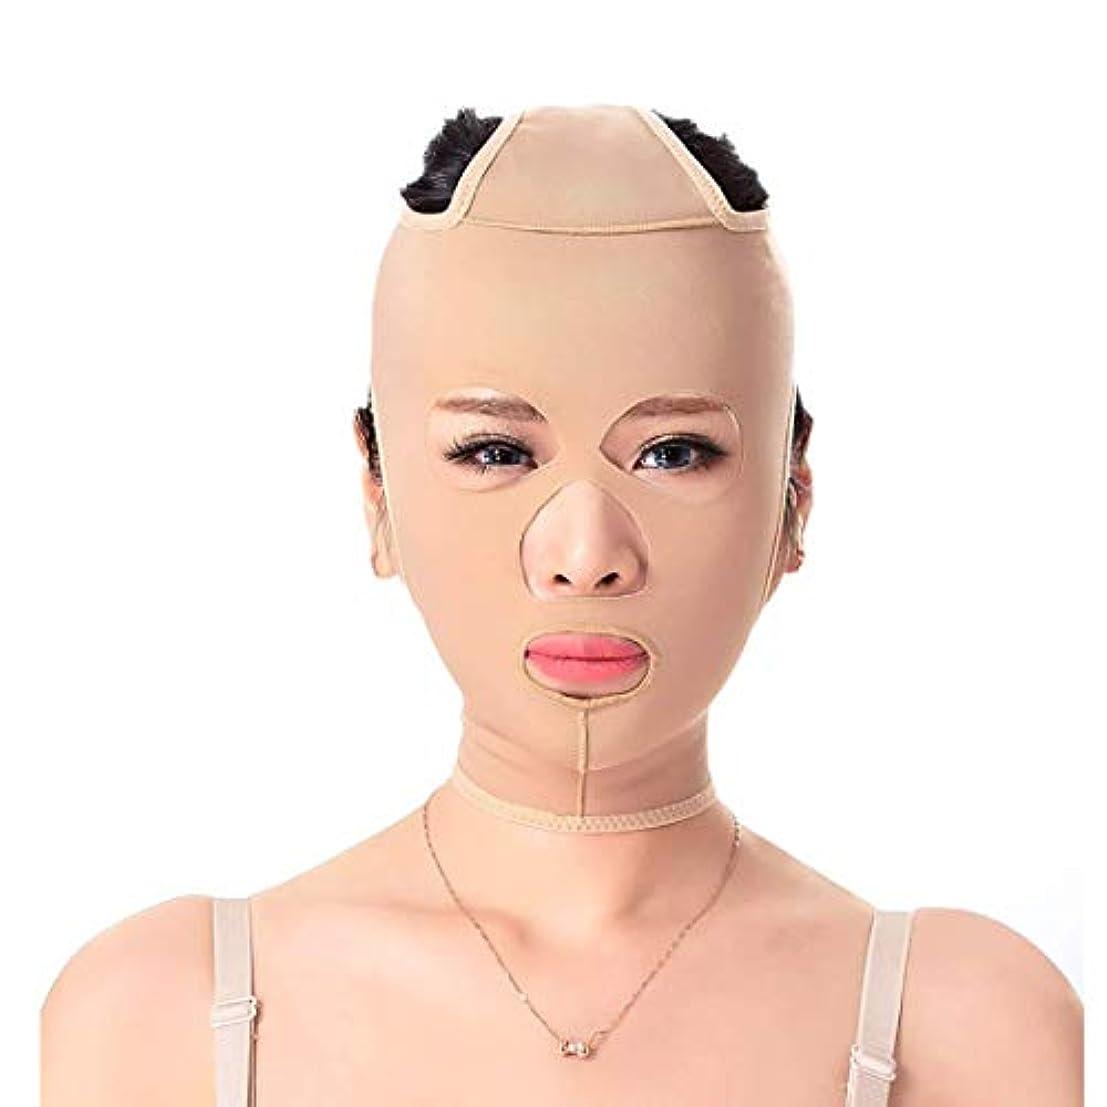 麻酔薬残基言うまでもなくスリミングベルト、二重あごの引き締め顔面プラスチック顔アーティファクト強力な顔の包帯を脇に持ち上げるパターンを欺くためのフェイシャルマスク薄いフェイスマスク(サイズ:XXL),XXL